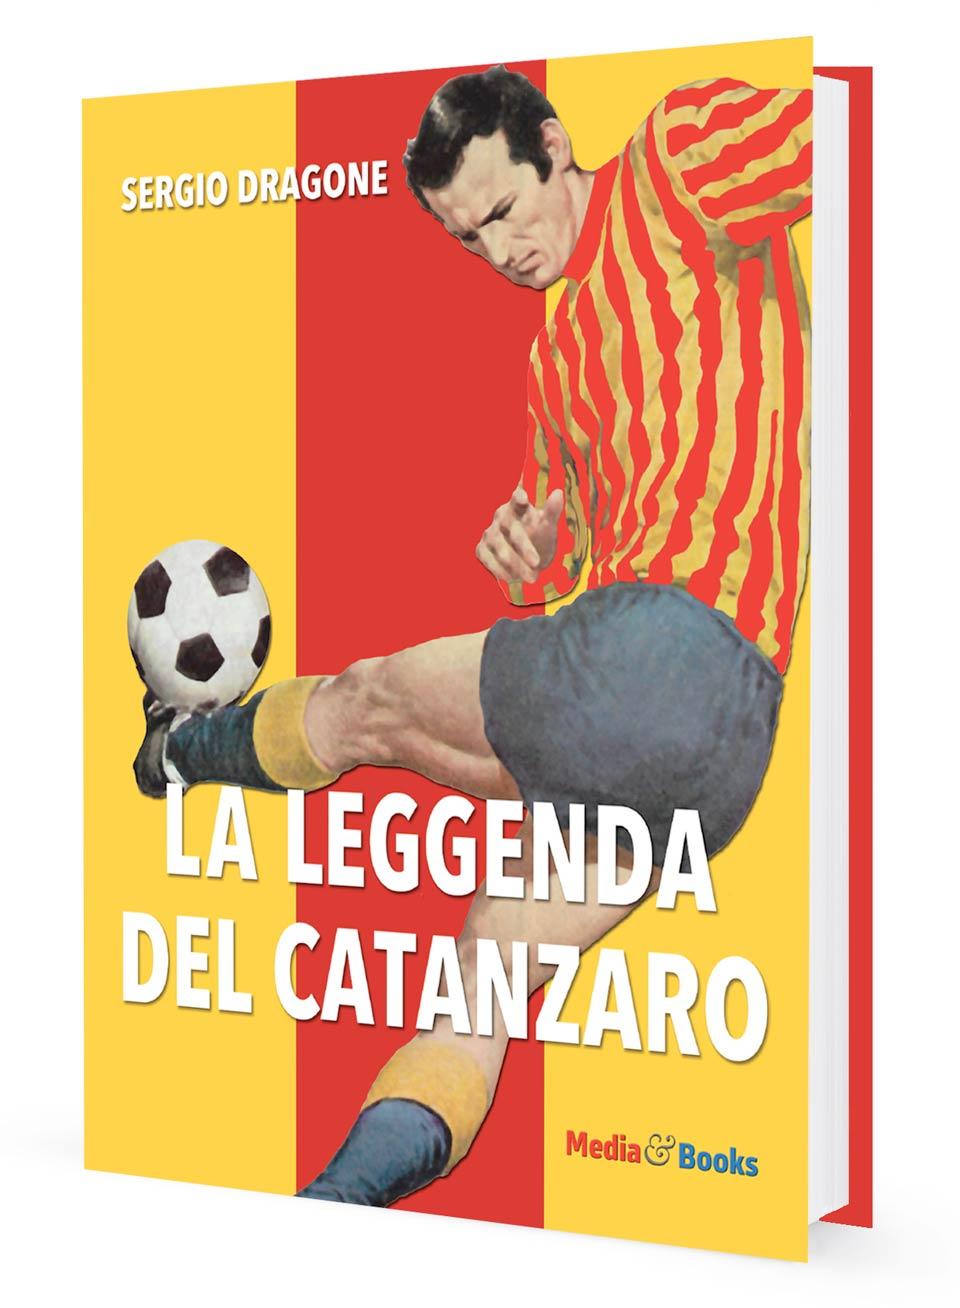 La leggenda del Catanzaro